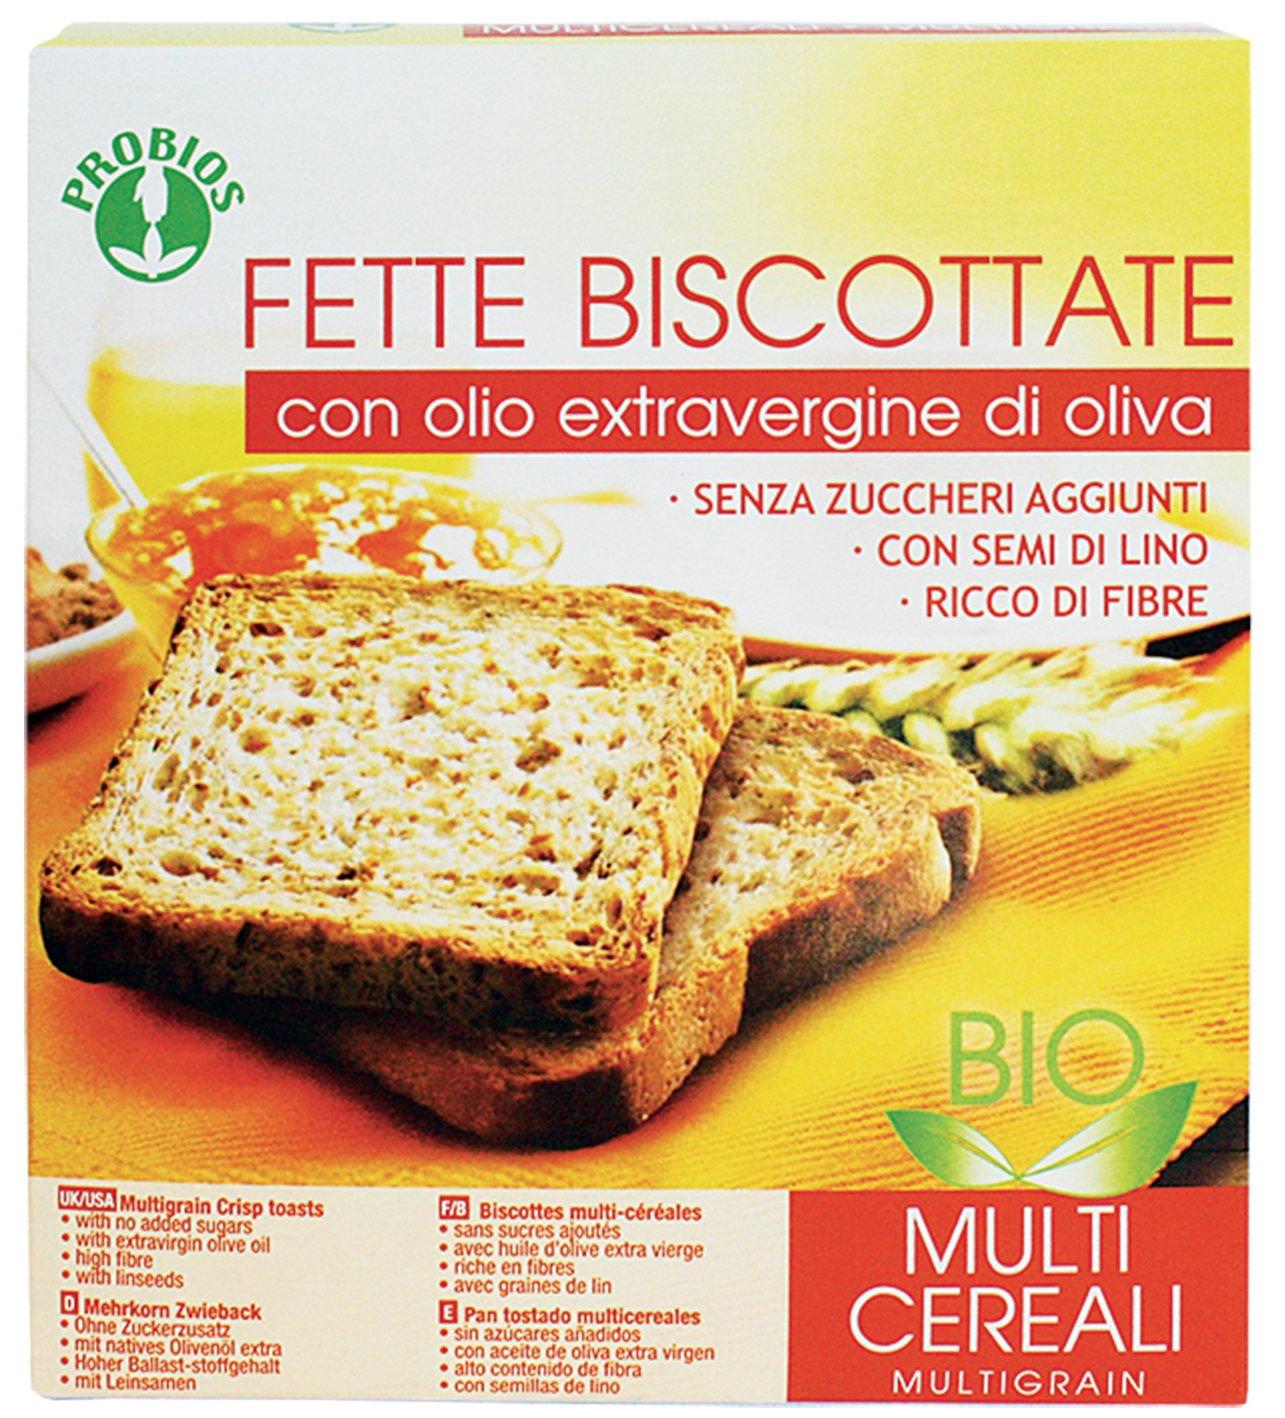 Probios Pan Tostado Multicereales - Paquete de 12 x 270 gr - Total: 3240 gr: Amazon.es: Alimentación y bebidas